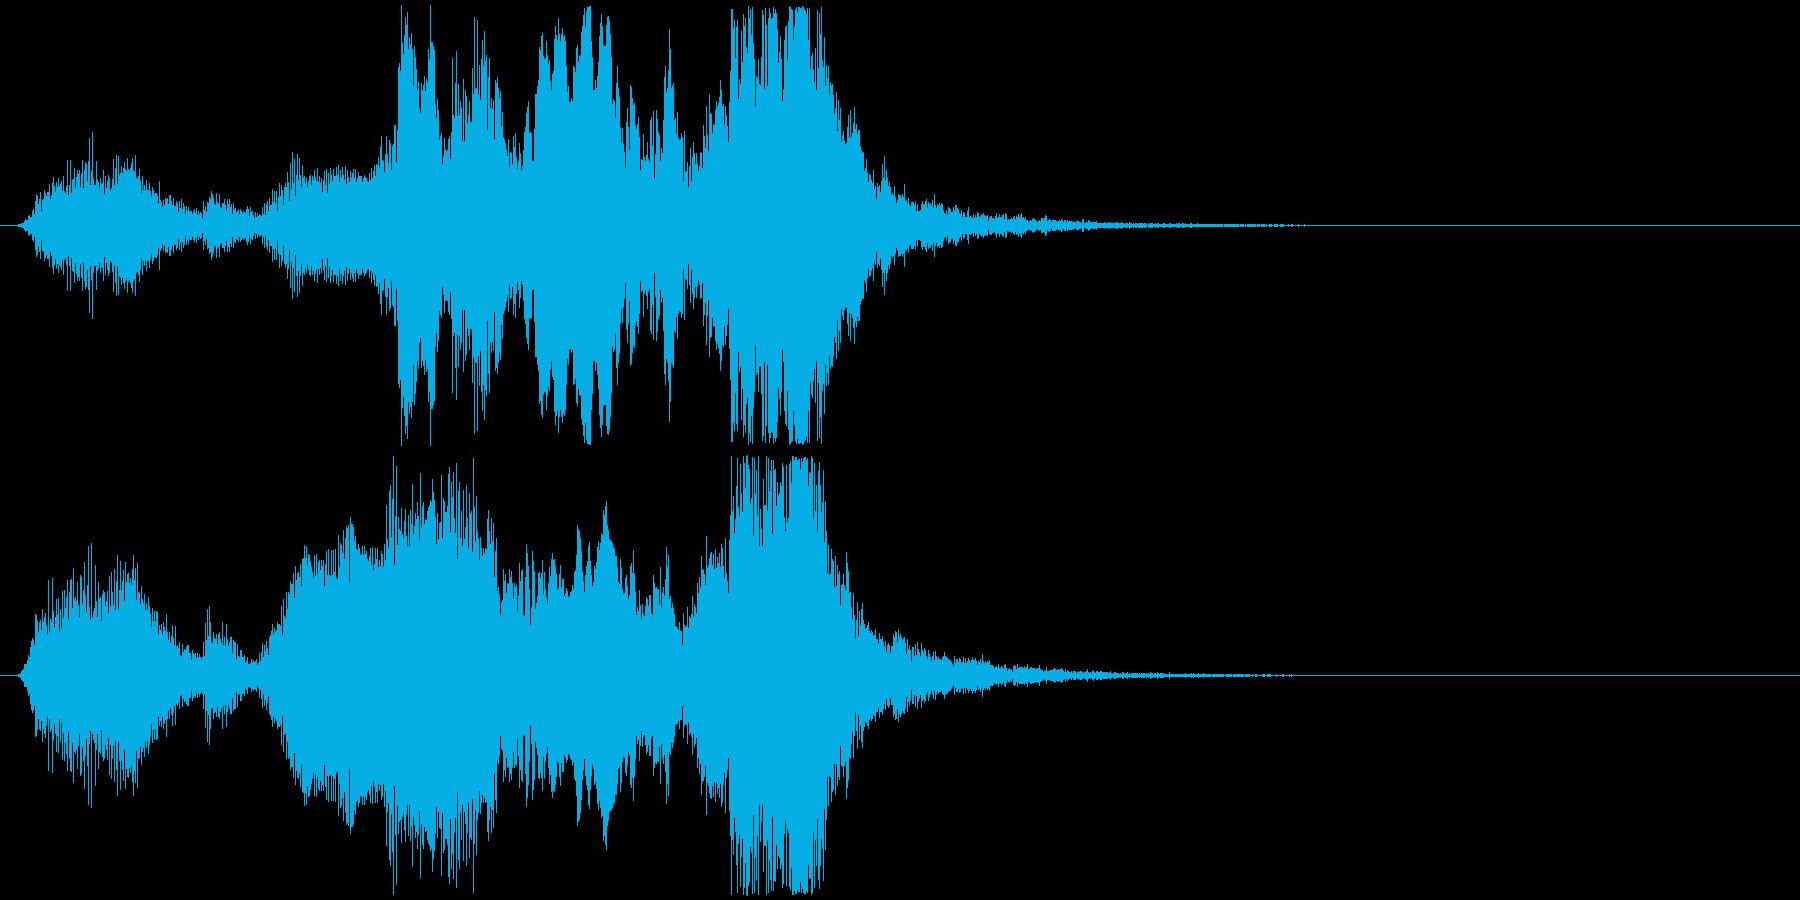 22 中程度の長さの金管ファンファーレの再生済みの波形